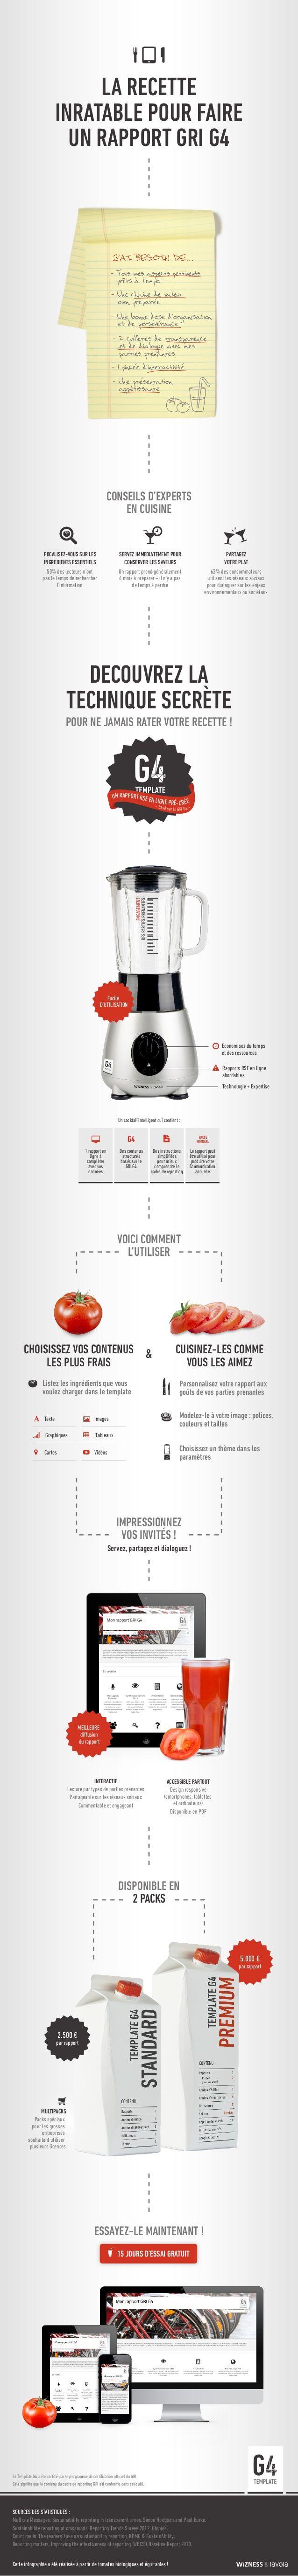 Notre dernière infographie présente la recette et les ingrédients pour réussir ton rapport GRI G4 !  http://fr.slideshare.net/Wizness/infographie-la-recette-inratable-pour-faire-un-rapport-rse-bas-sur-le-gri-g4